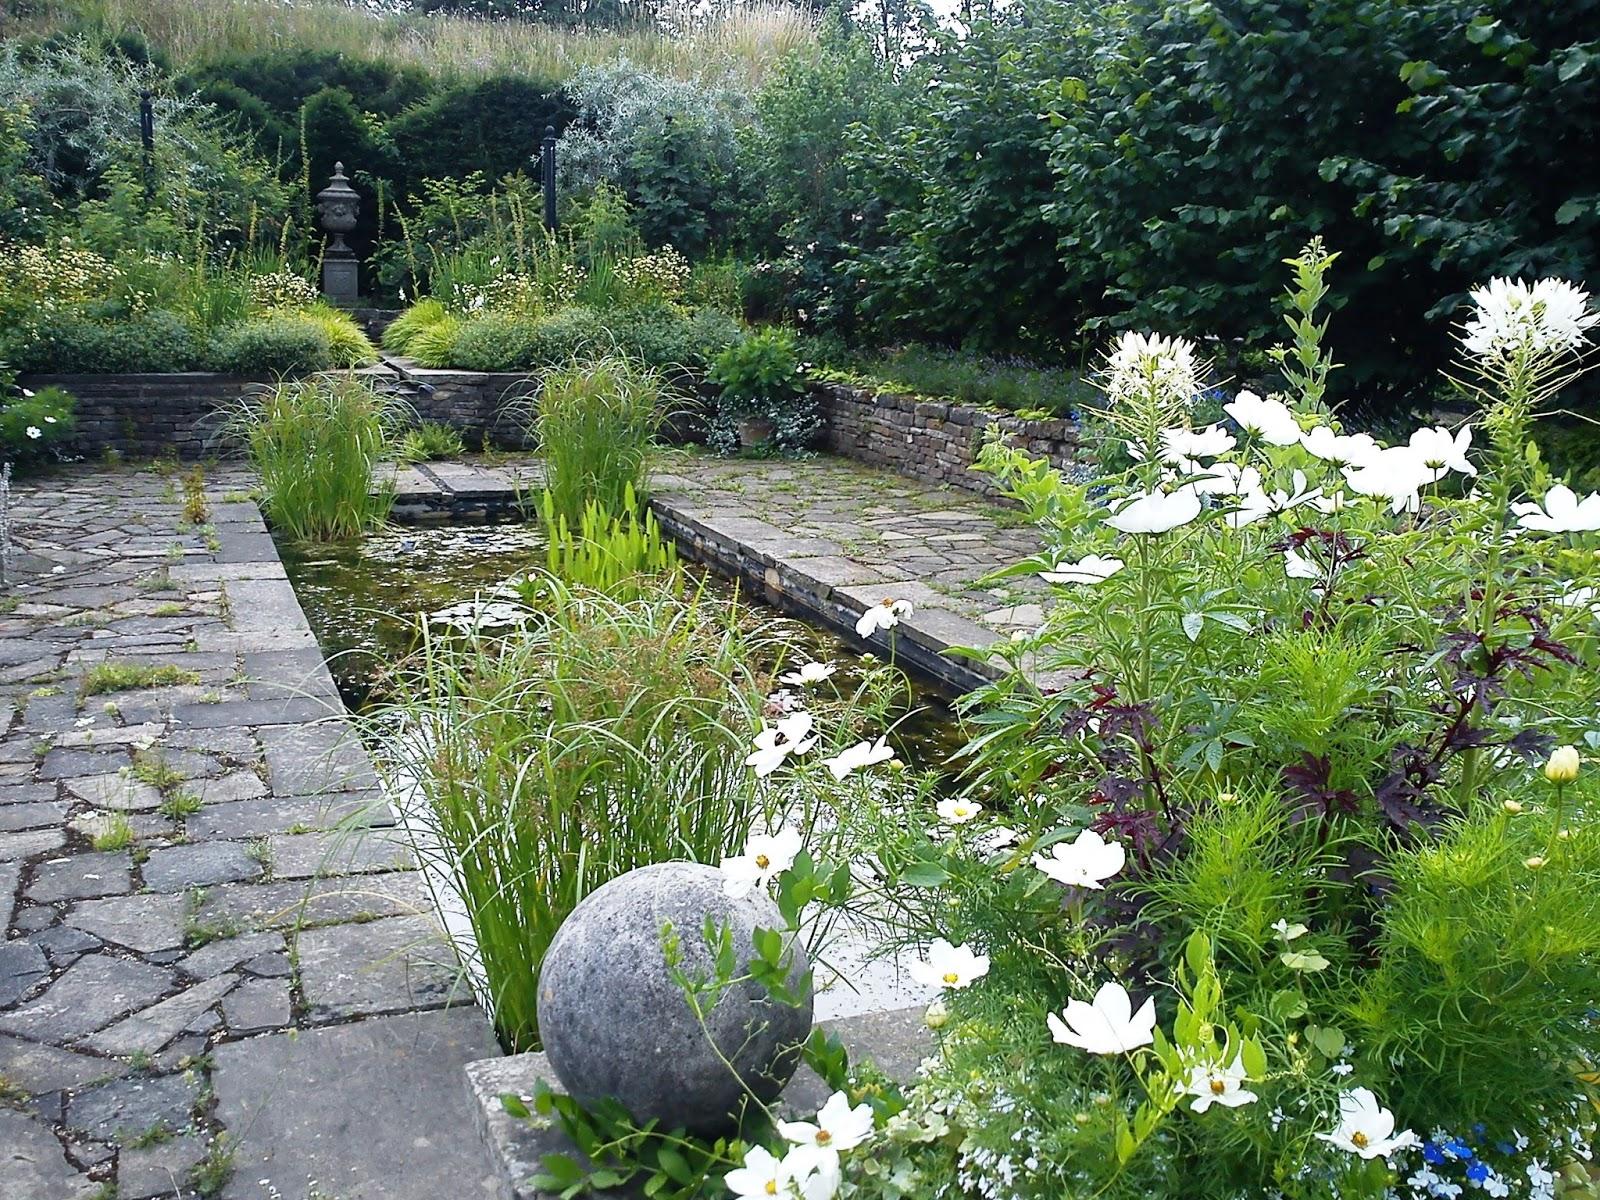 Rhs Garden Centre Harlow Carr Garden Ftempo